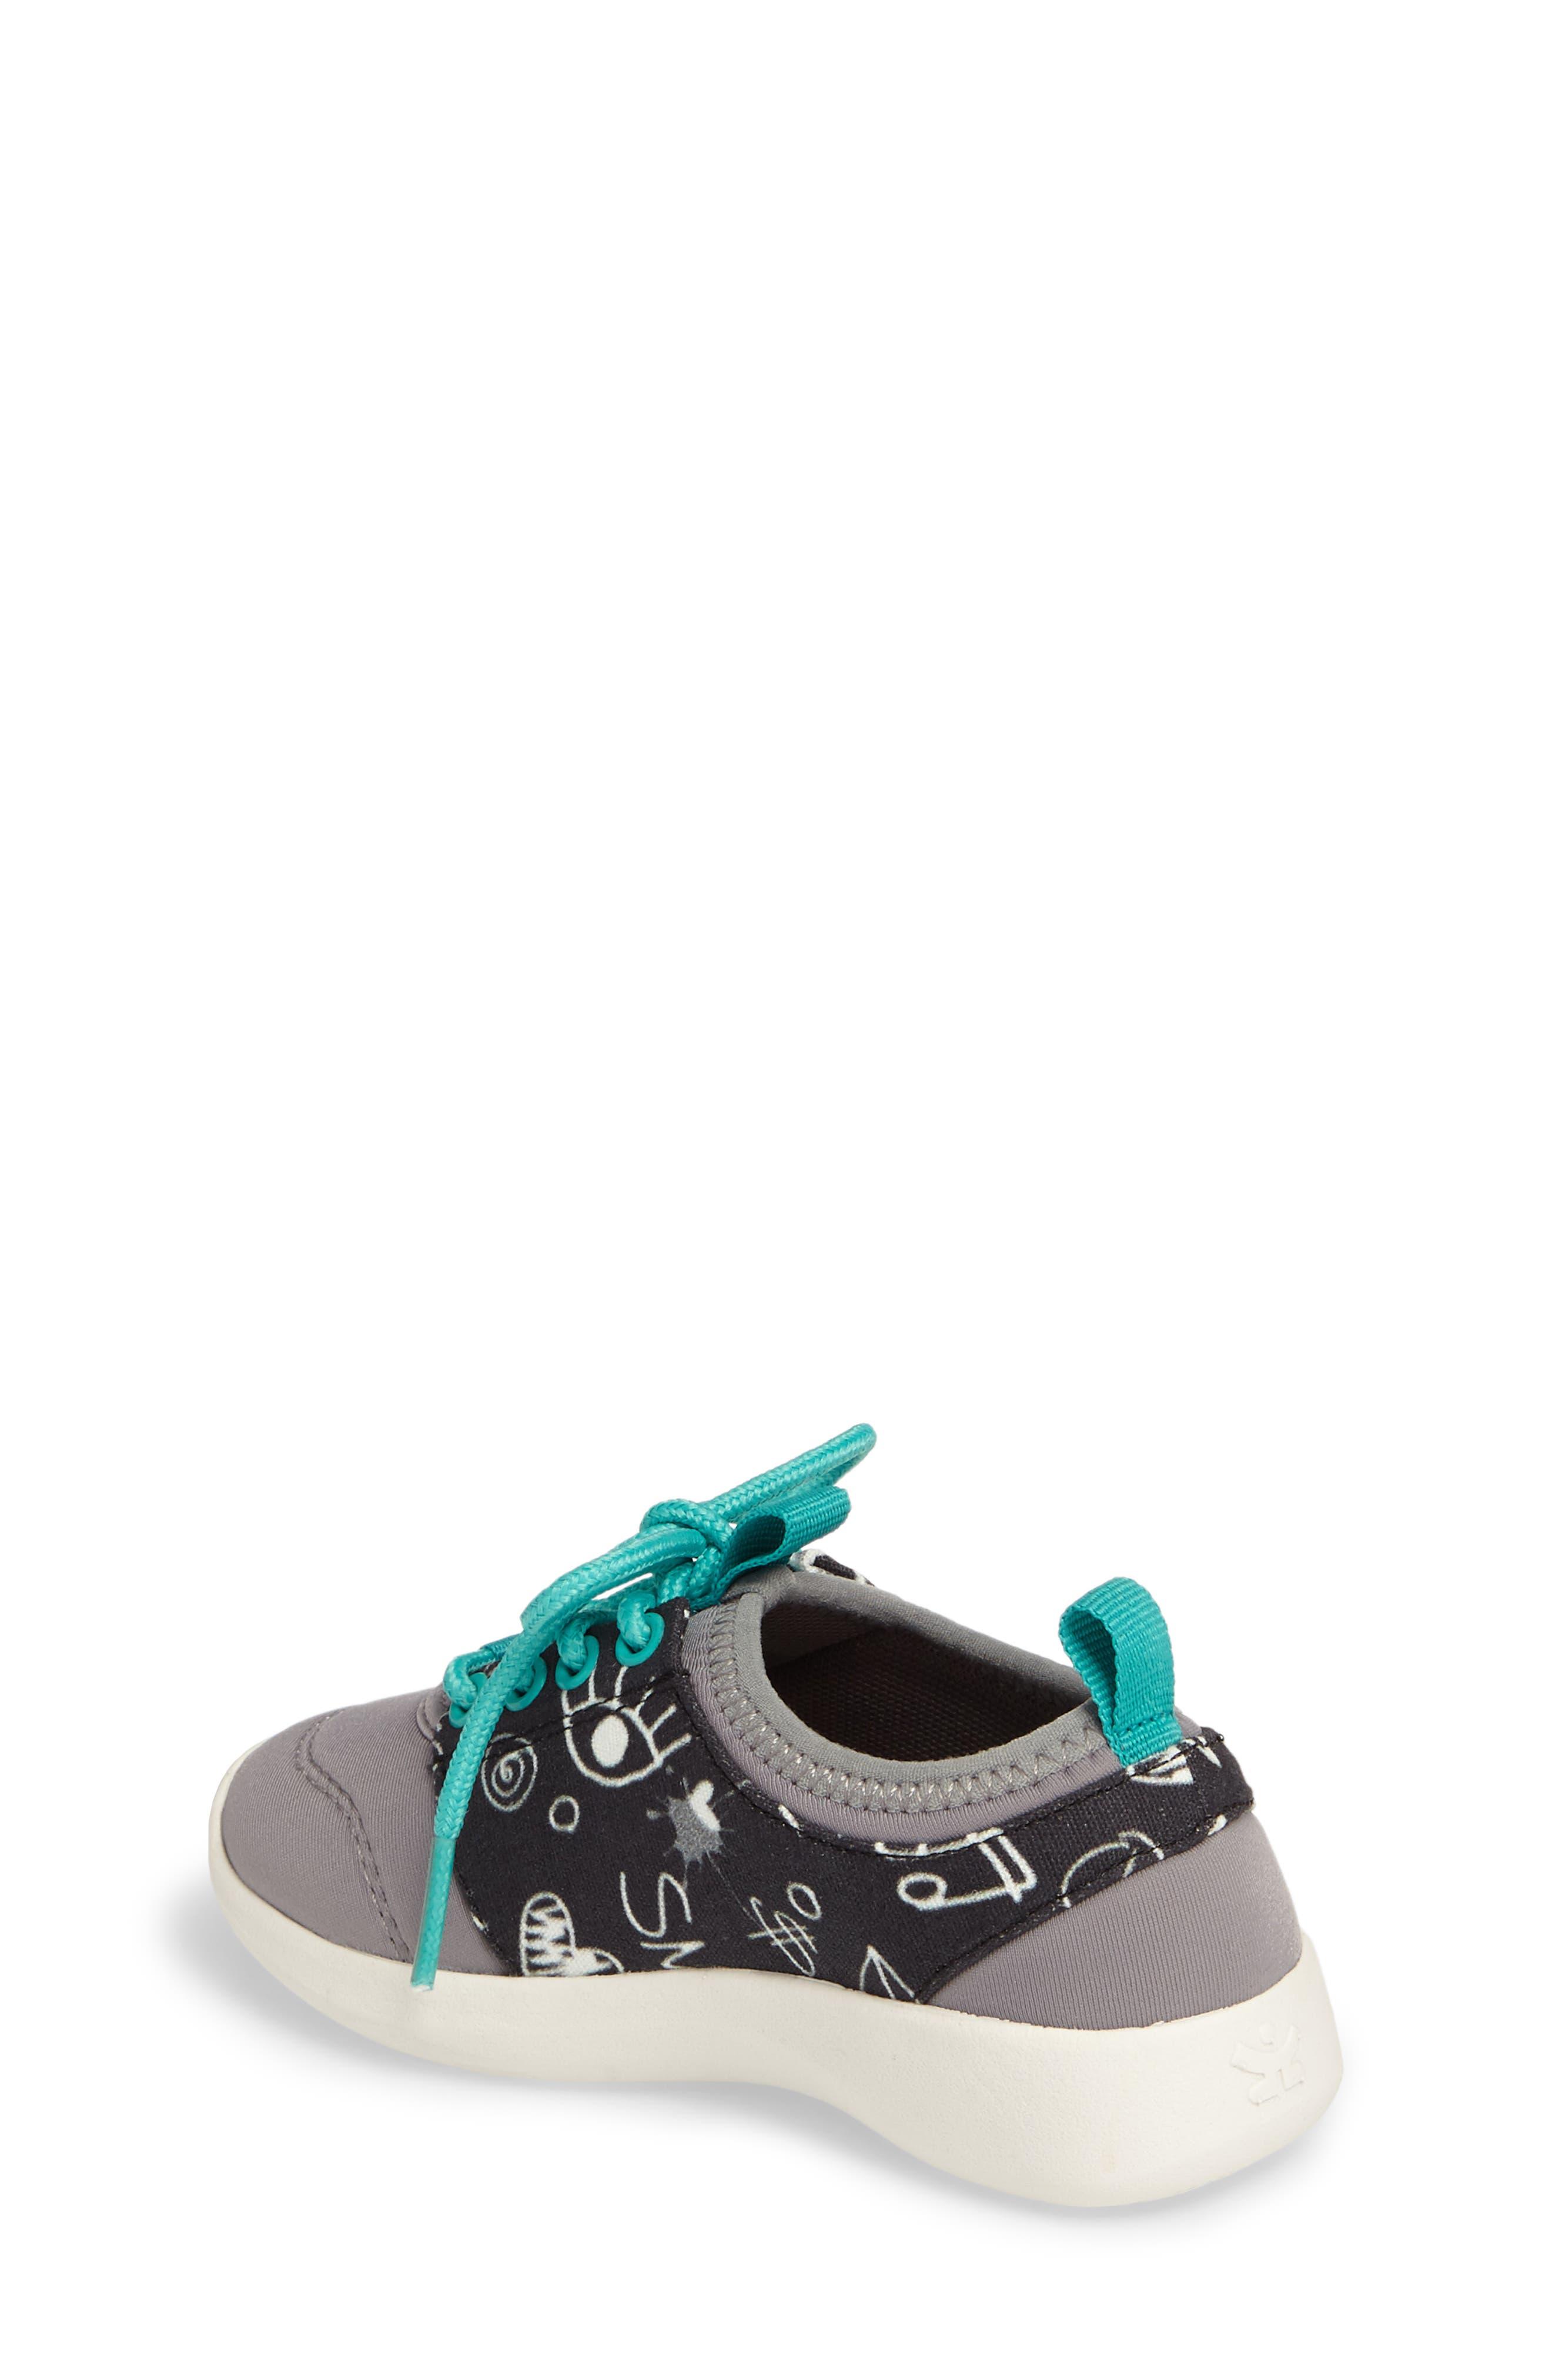 Bolt Sock-Fit Sneaker,                             Alternate thumbnail 2, color,                             001